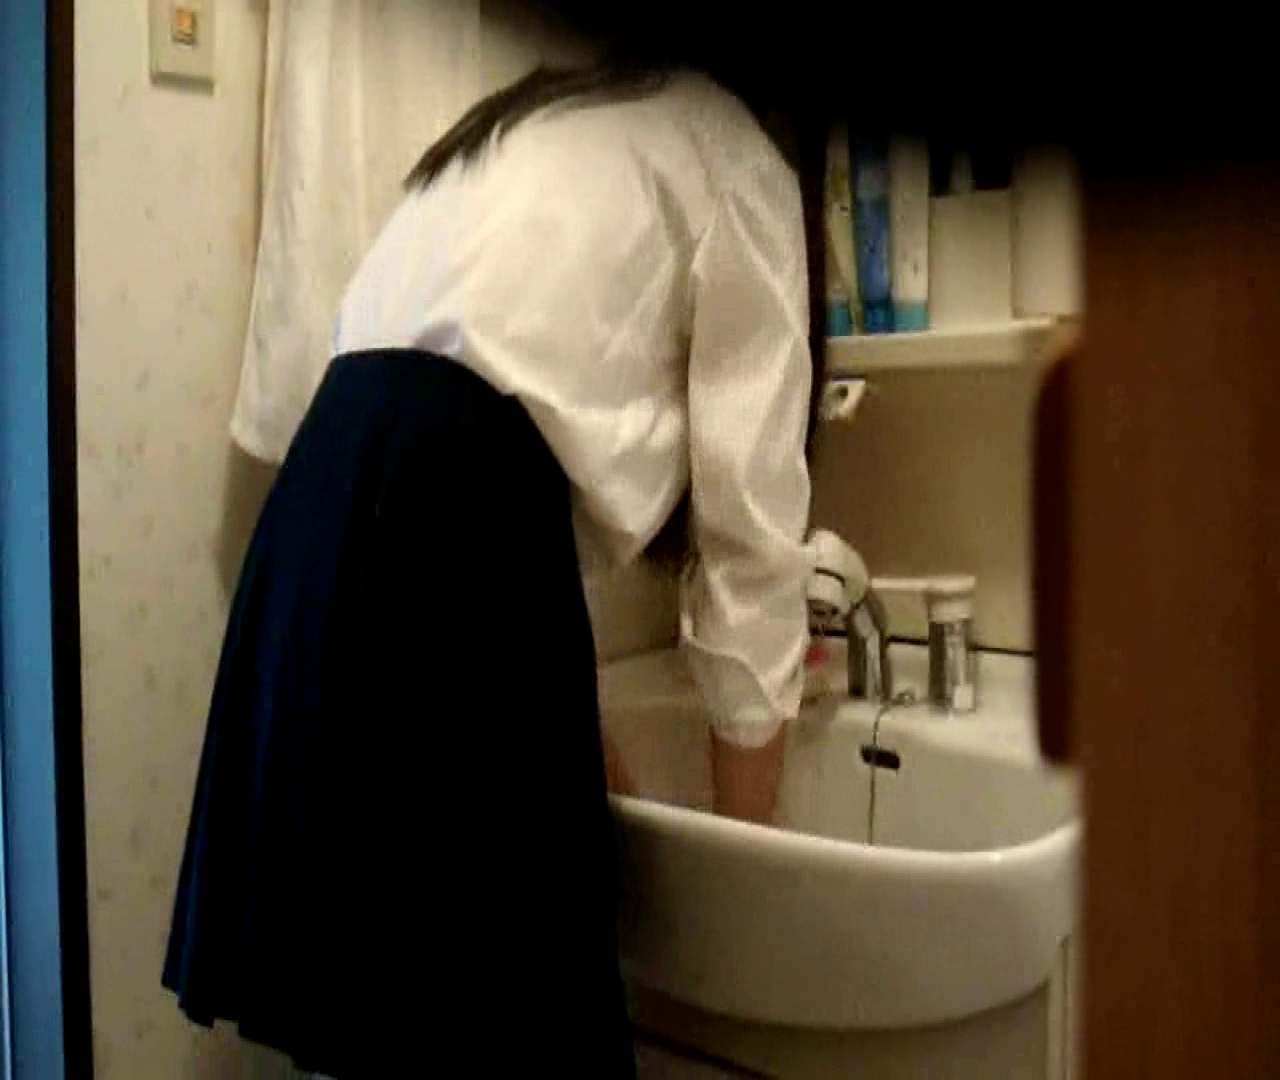 二人とも育てた甲斐がありました… vol.05 まどかが洗顔後にブラを洗濯 HなOL | 0  98pic 23